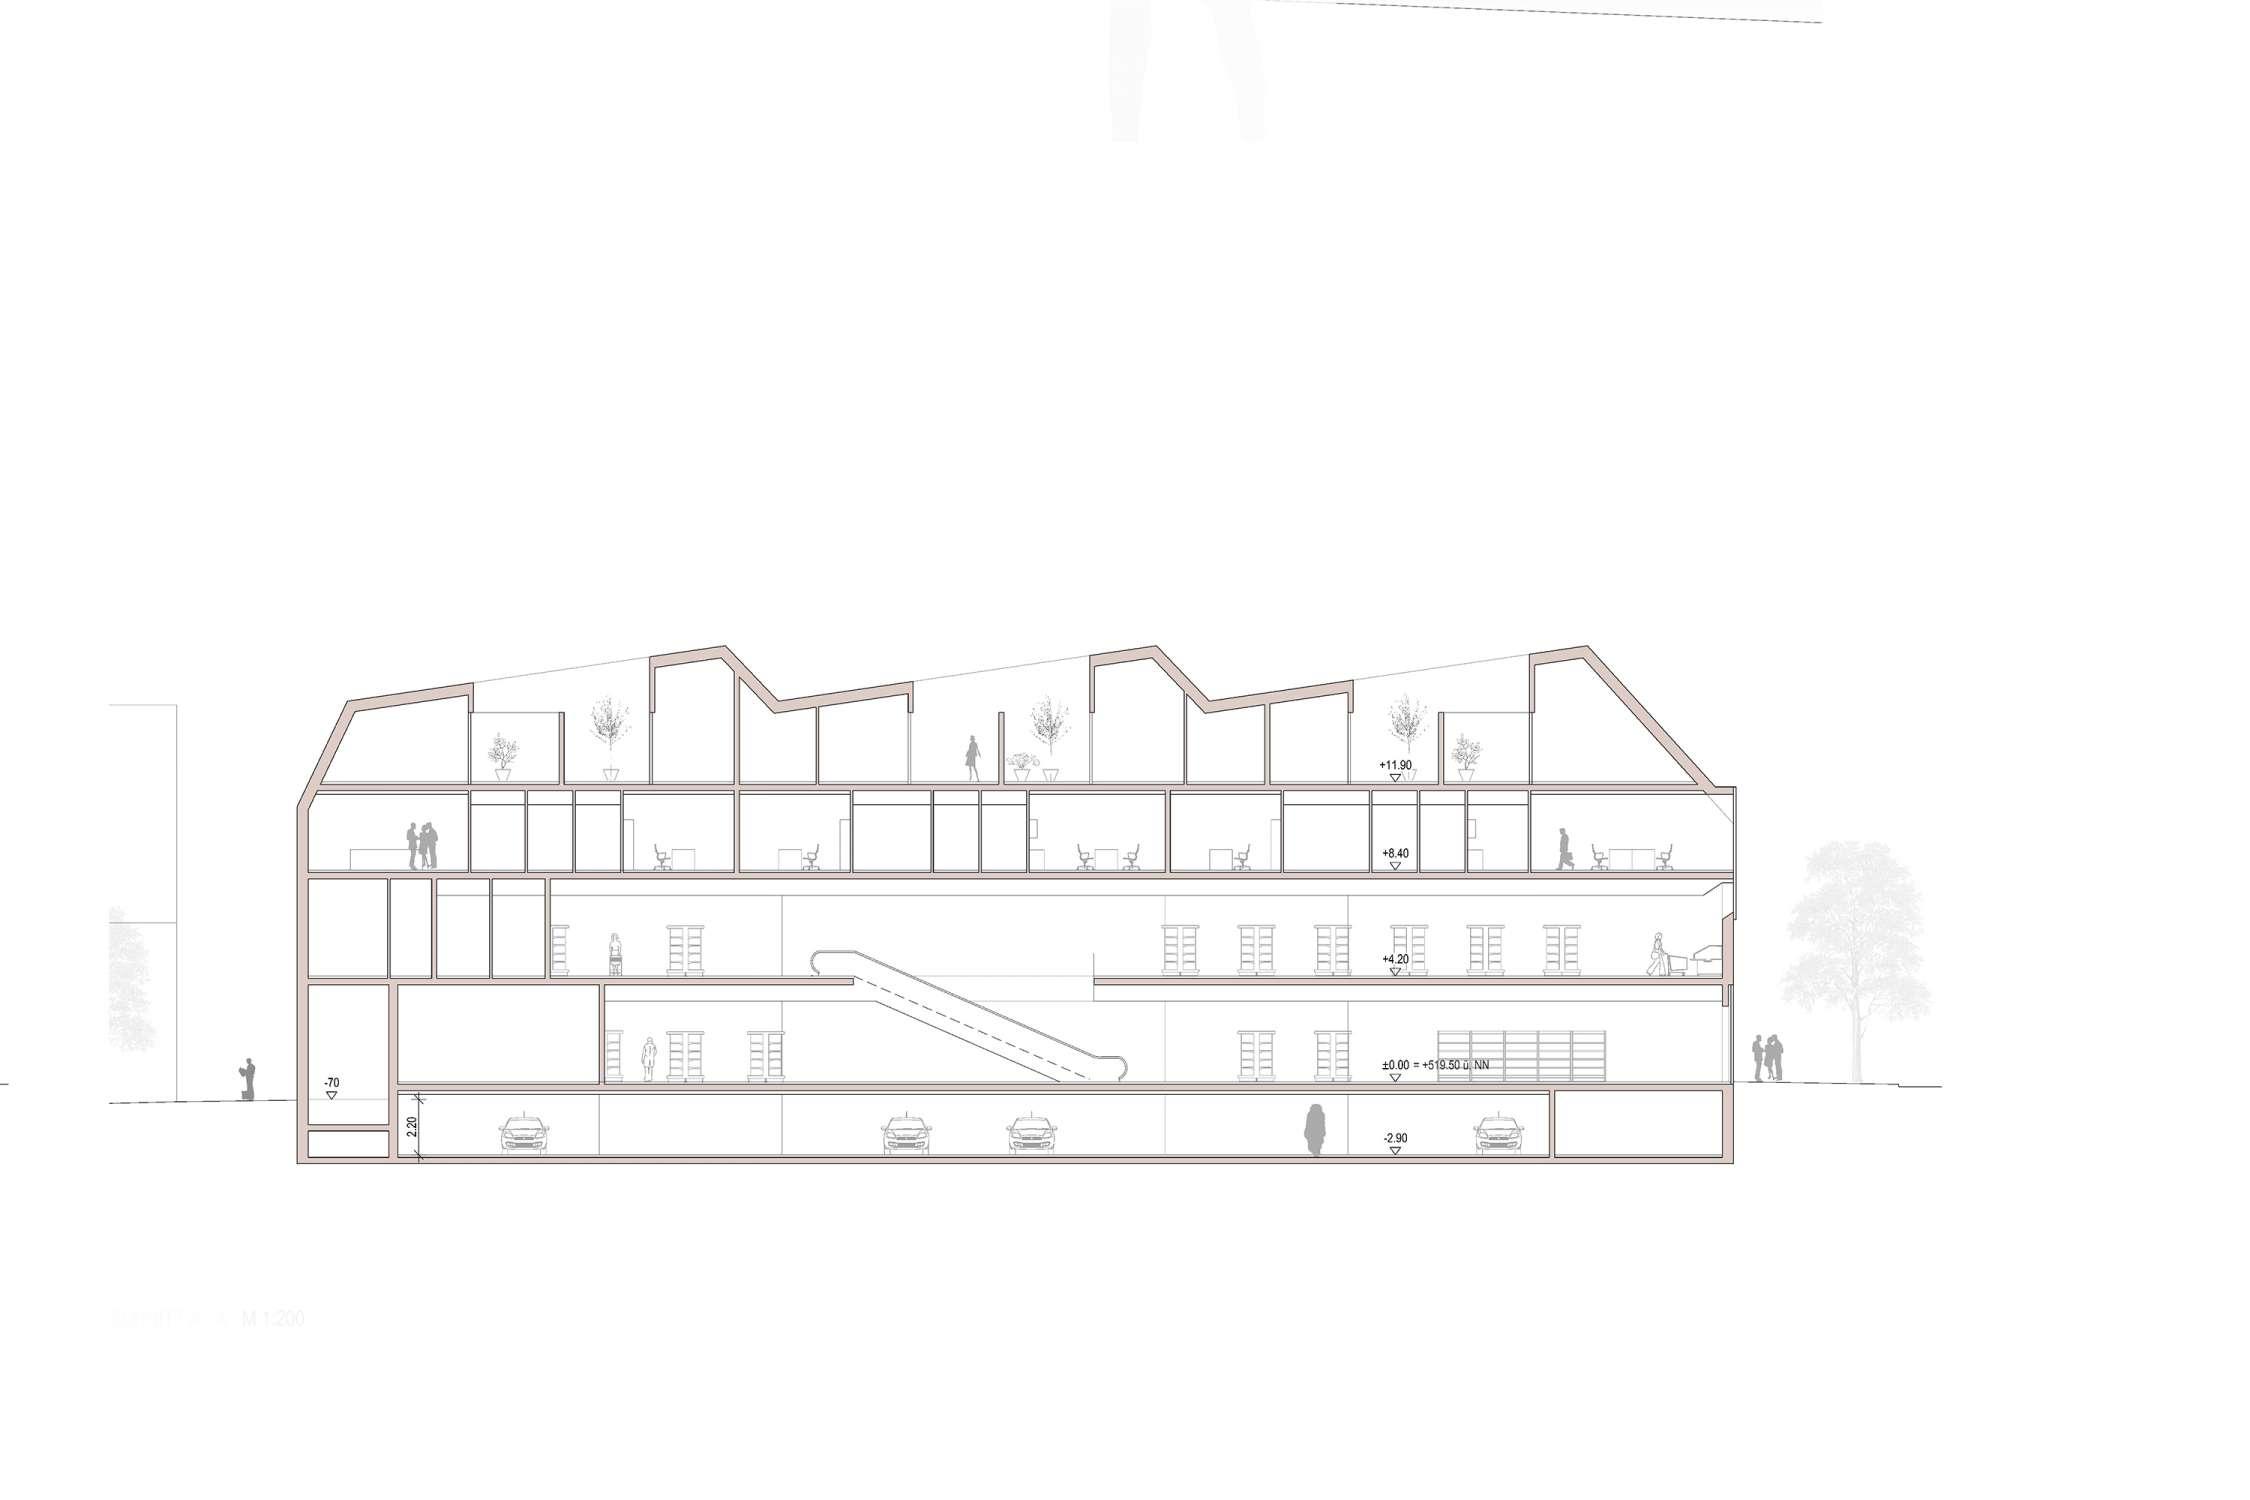 Wohn- und Geschäftshaus Schwanenstrasse (4)